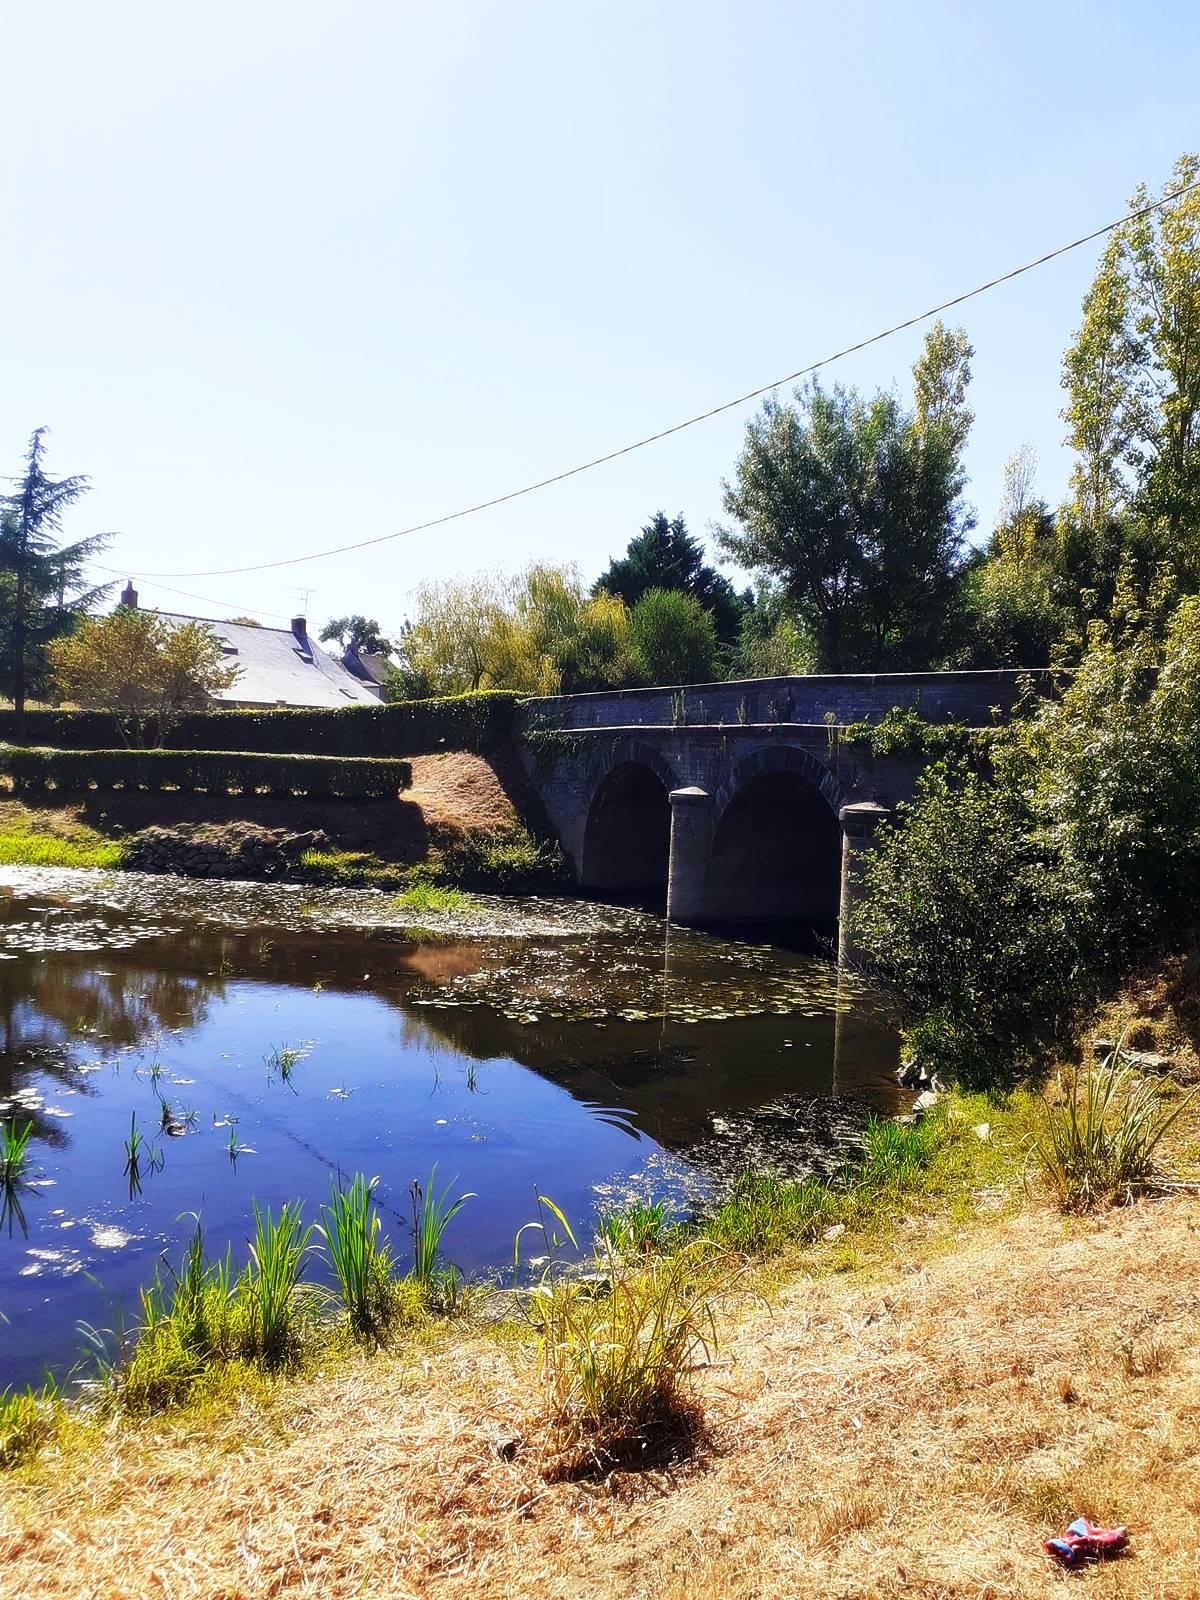 Visite moulin pont godelain20200806 193125